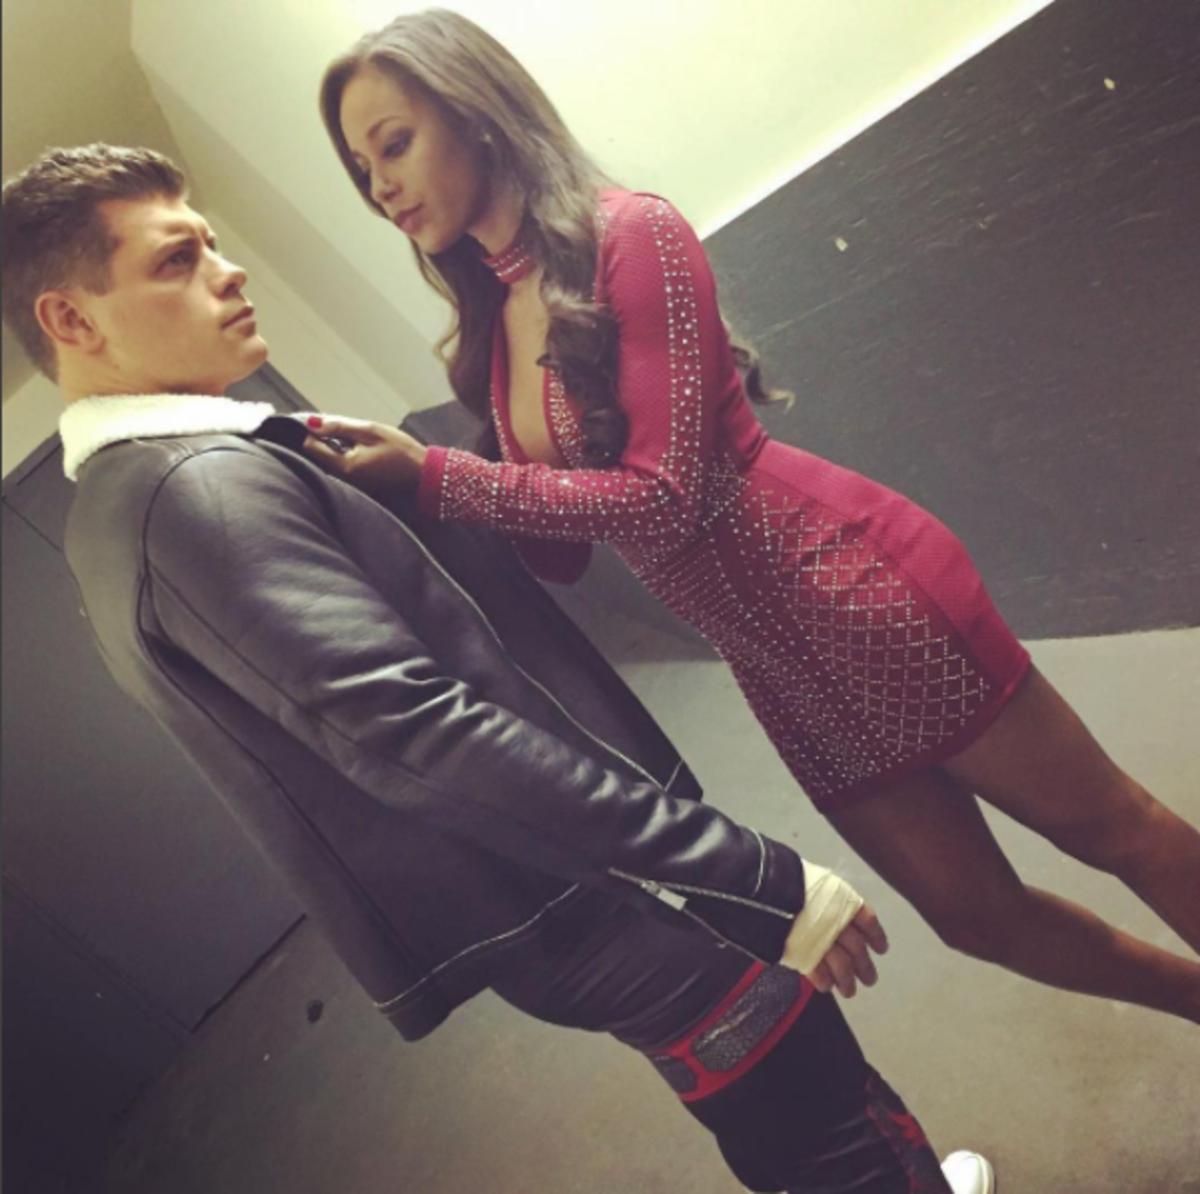 Cody and Brandi Rhodes